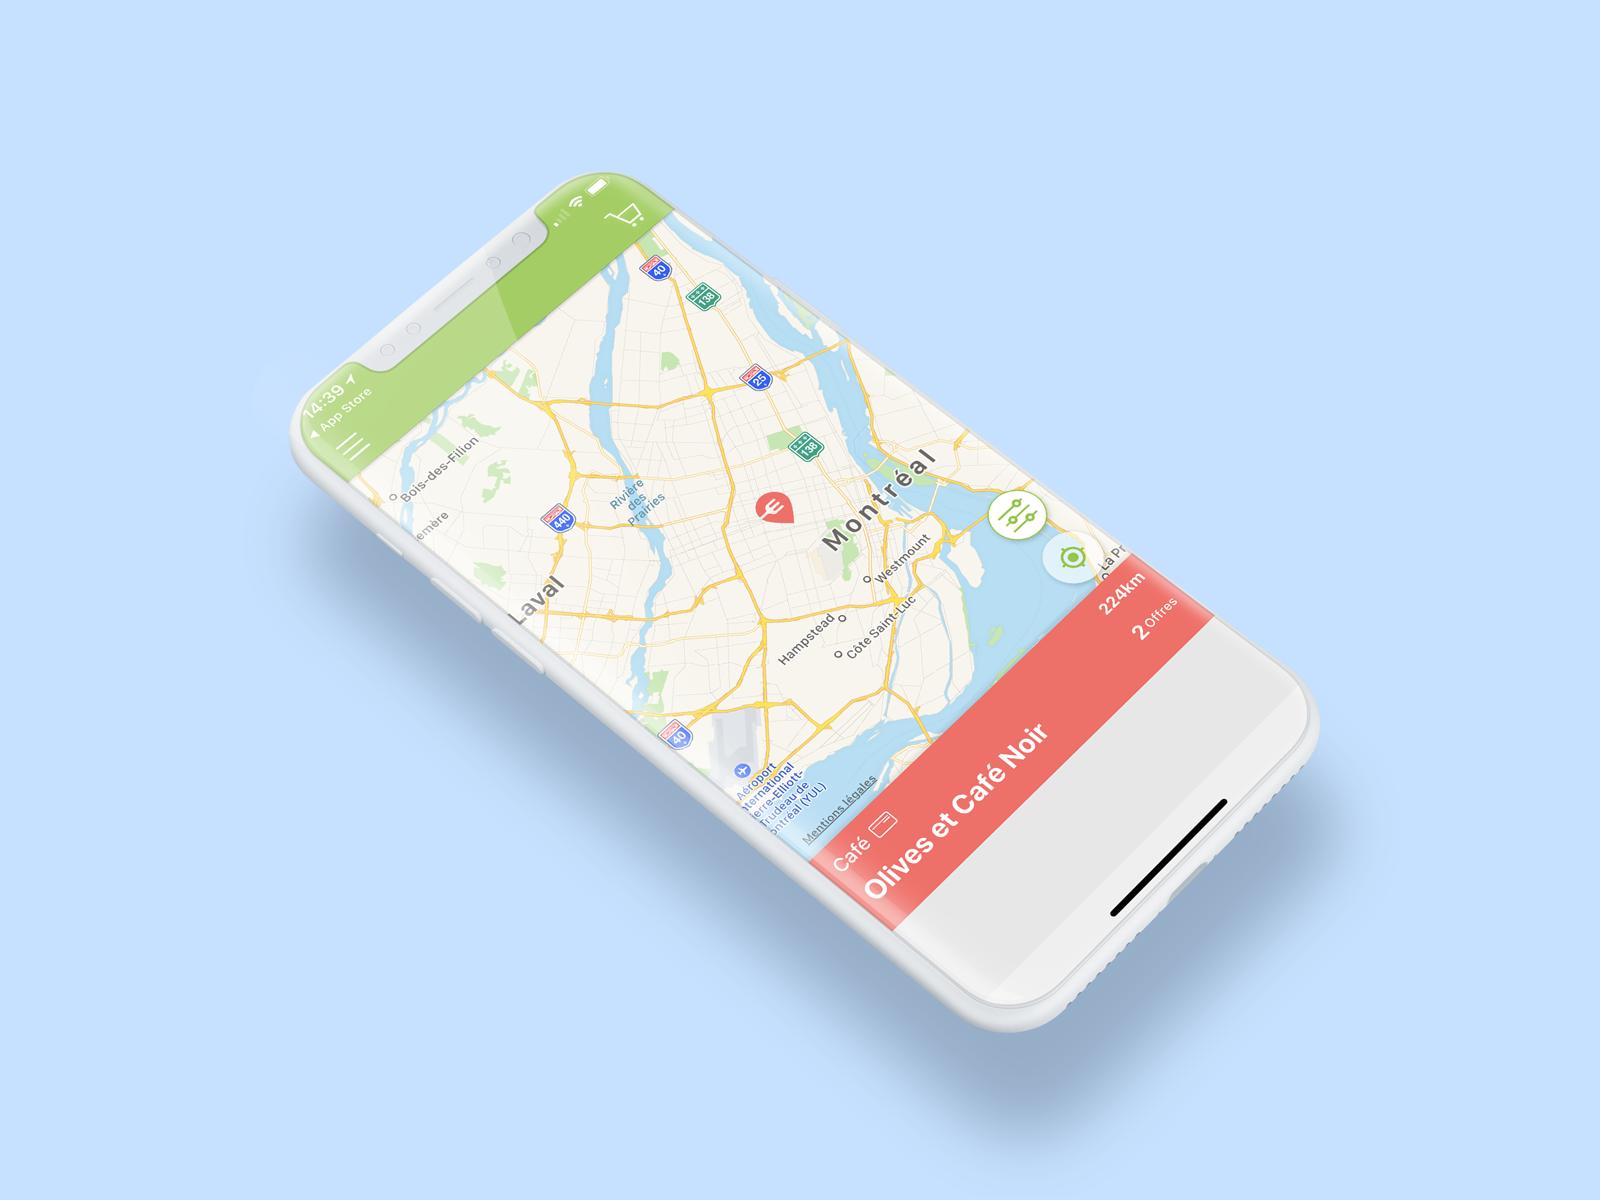 Aperçu de l'application Eatizz sur l'iPhone